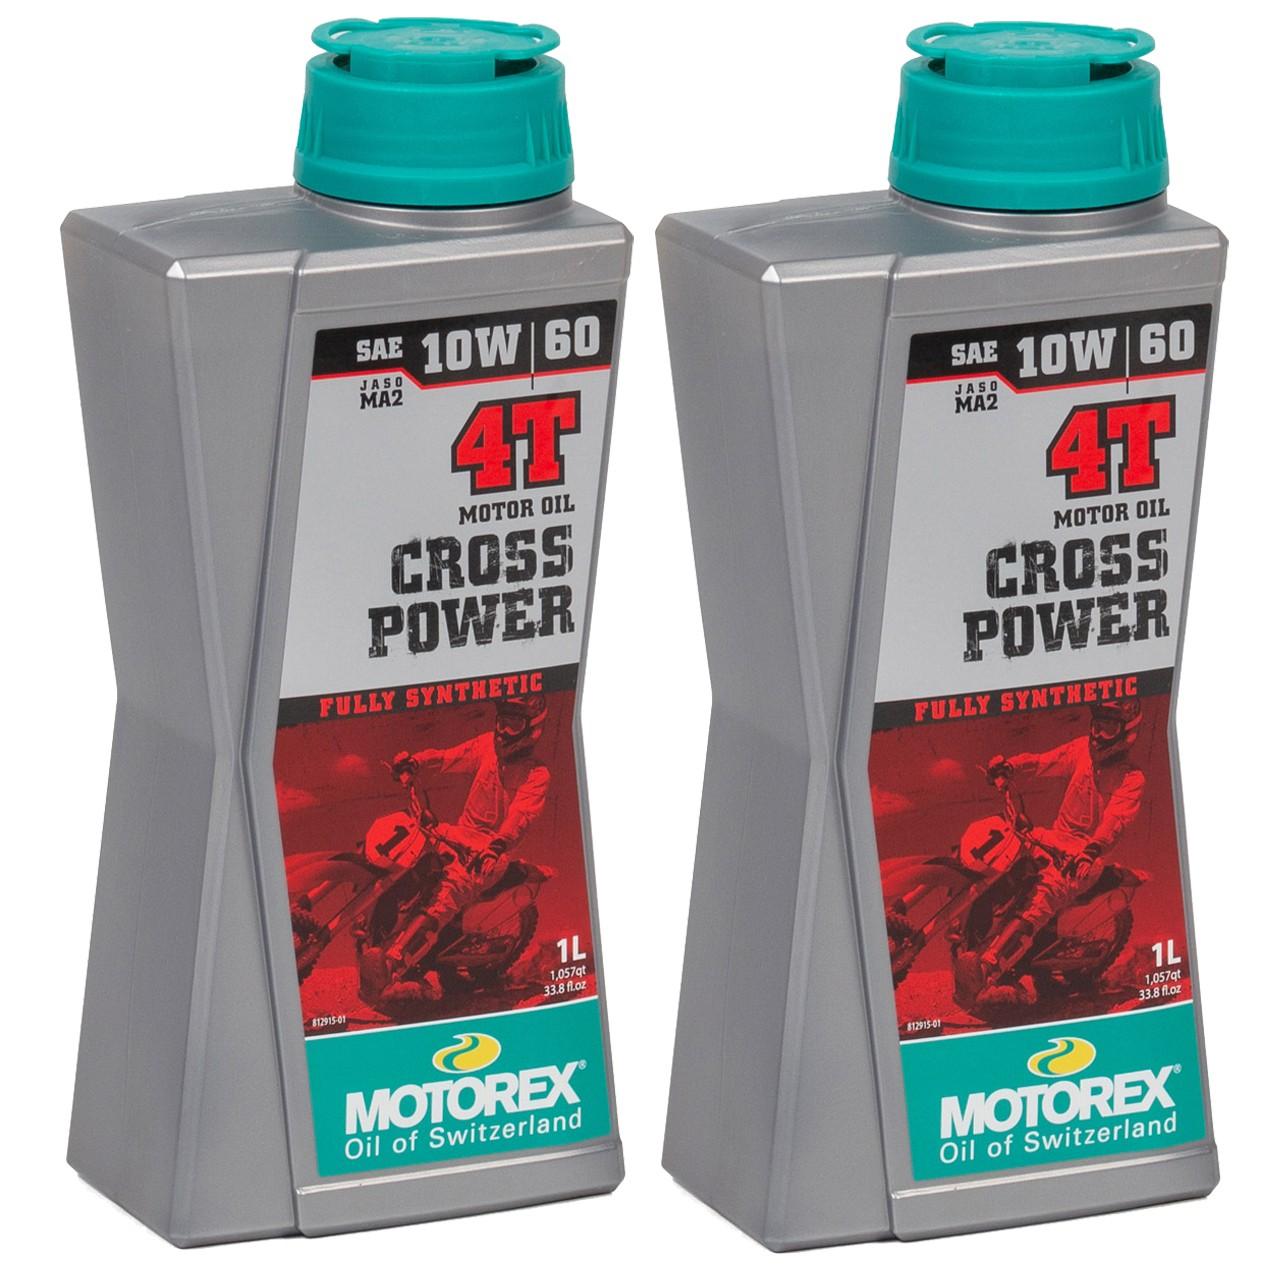 MOTOREX Cross Power 4T Motoröl Öl 10W60 JASO MA2 API SL/SH/SG - 2L 2 Liter